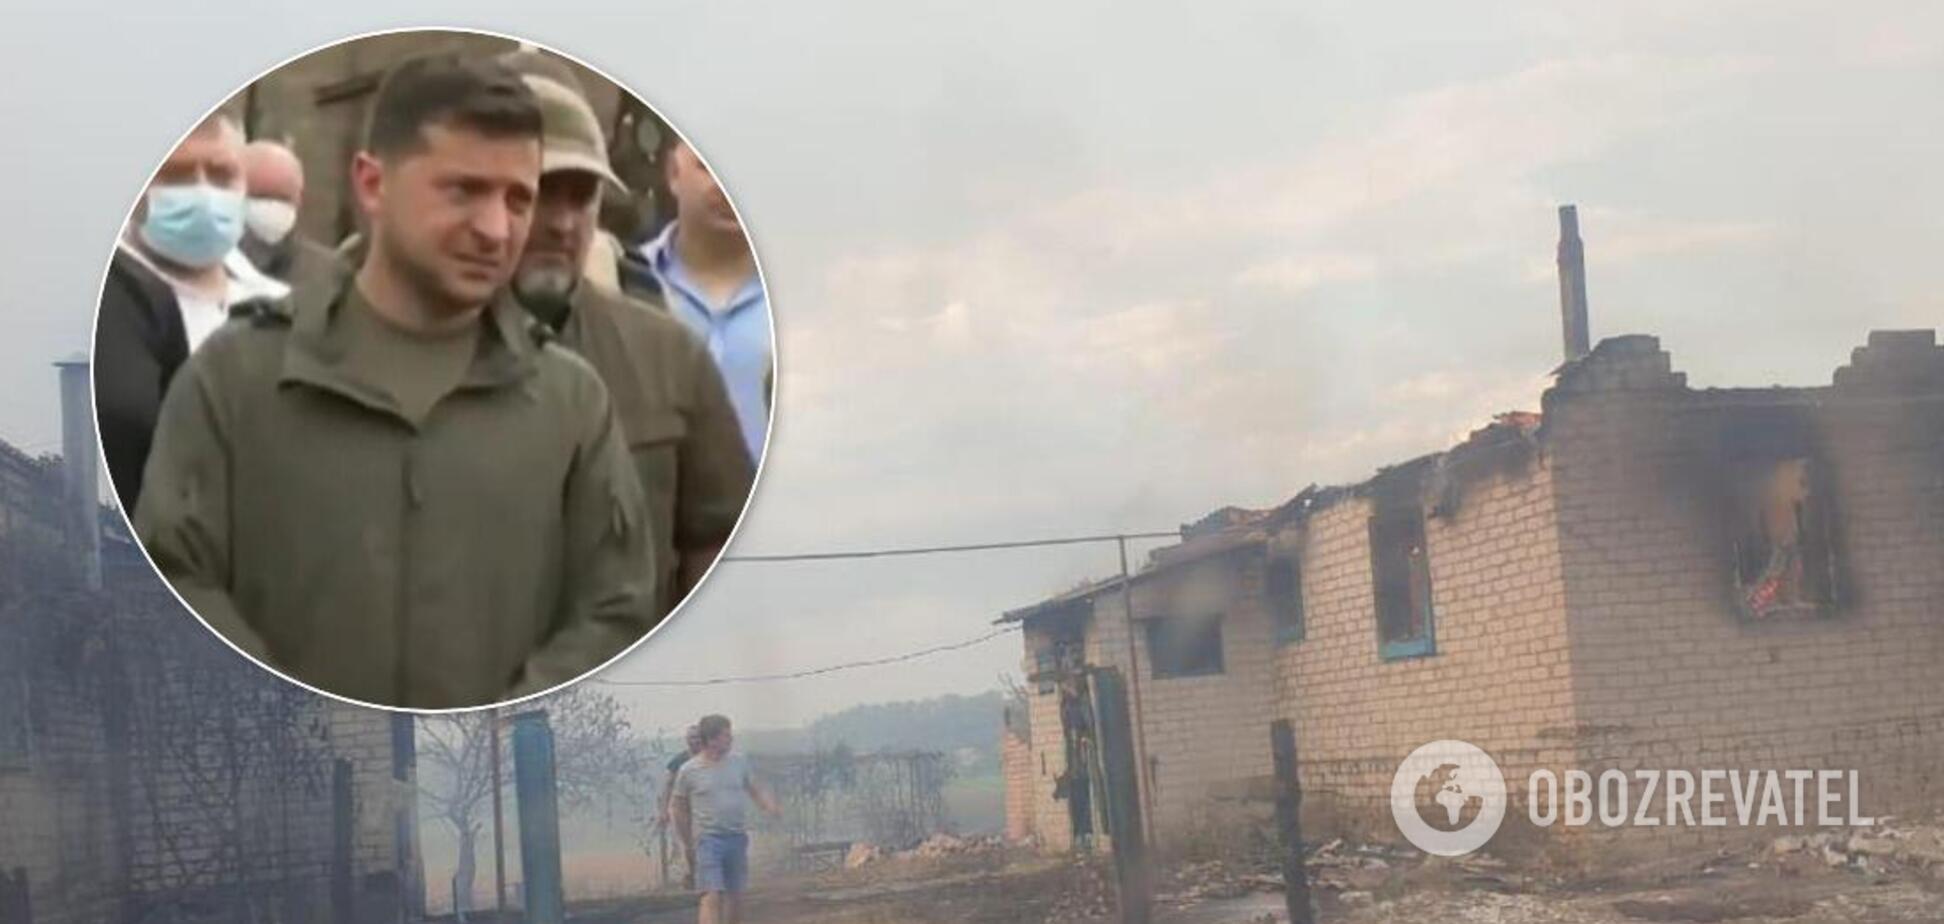 Постраждалим від пожеж у Луганській області заплатять по 300 тисяч гривень, – Зеленський